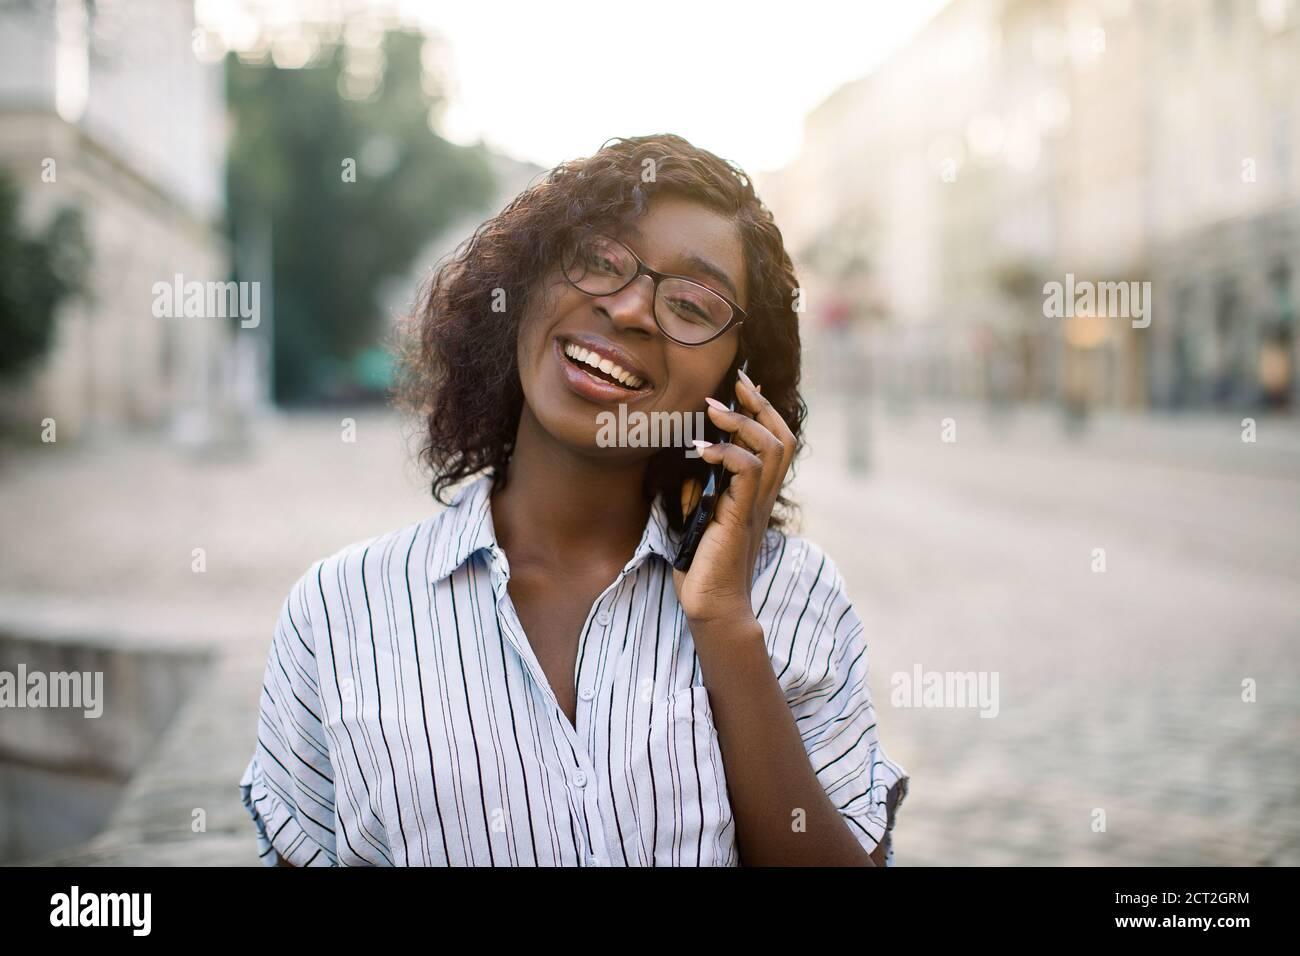 Gros plan portrait d'une jolie fille africaine en boucles parlant sur un téléphone mobile, regardant l'appareil photo et riant, marchant à l'extérieur sur la vieille ville rue à Banque D'Images